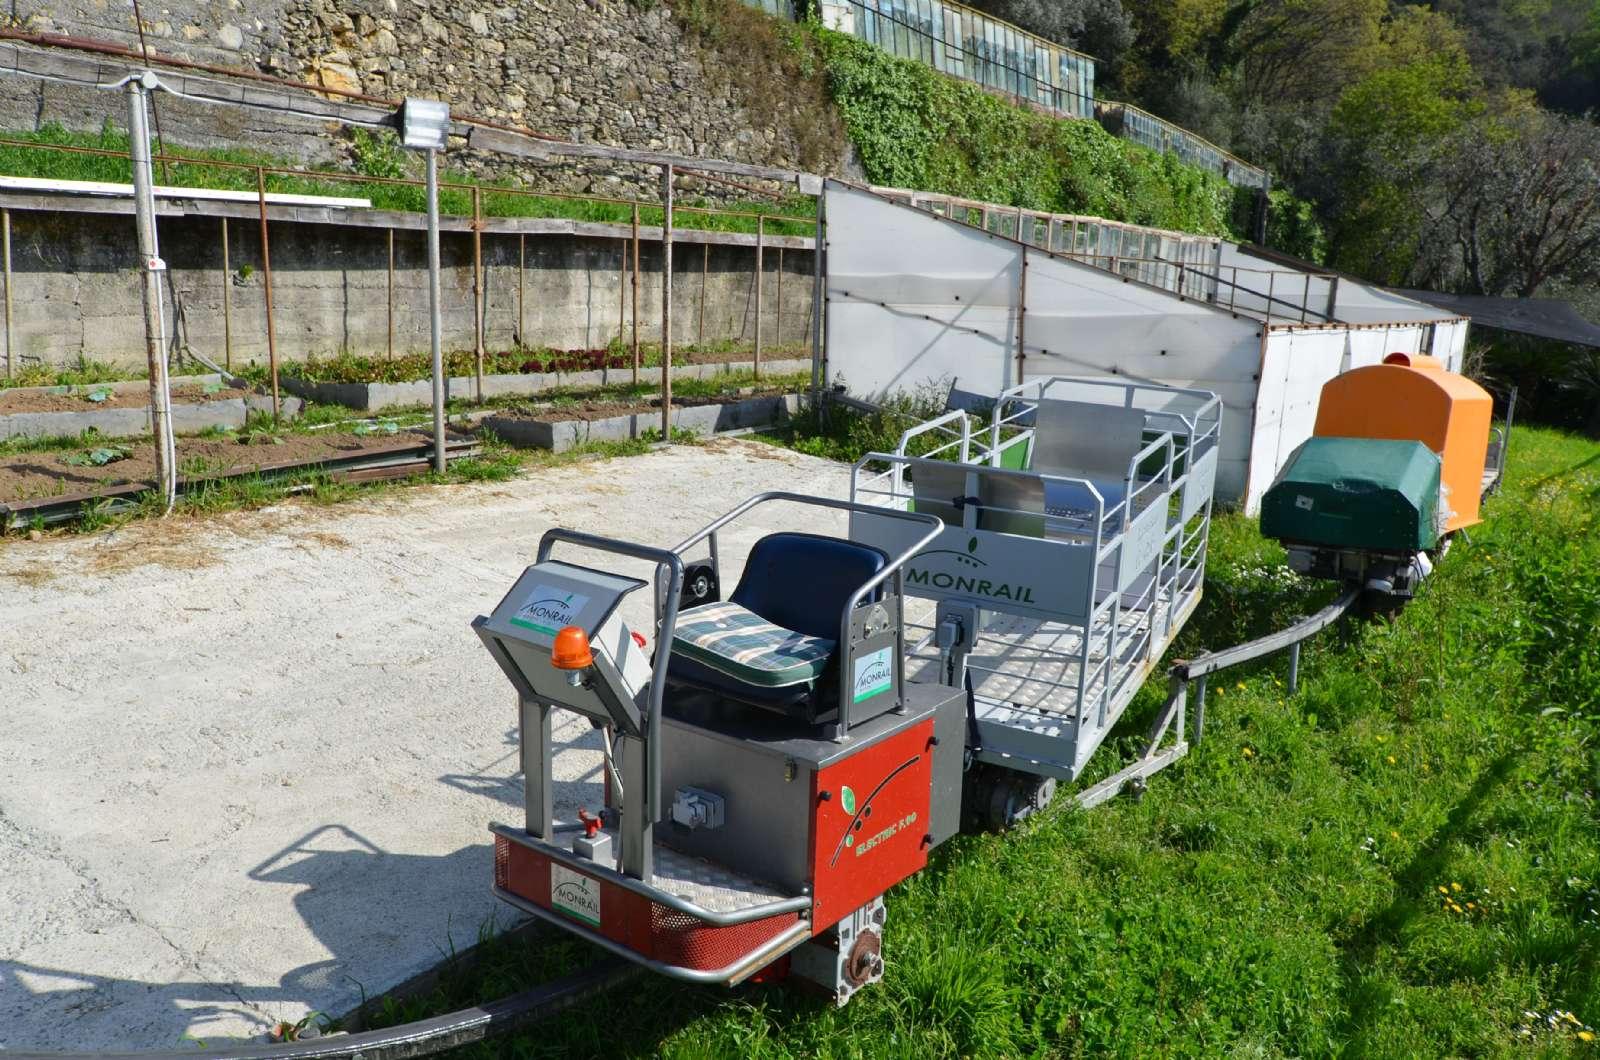 Den lille bagagevogn på skinner fra parkeringspladsen